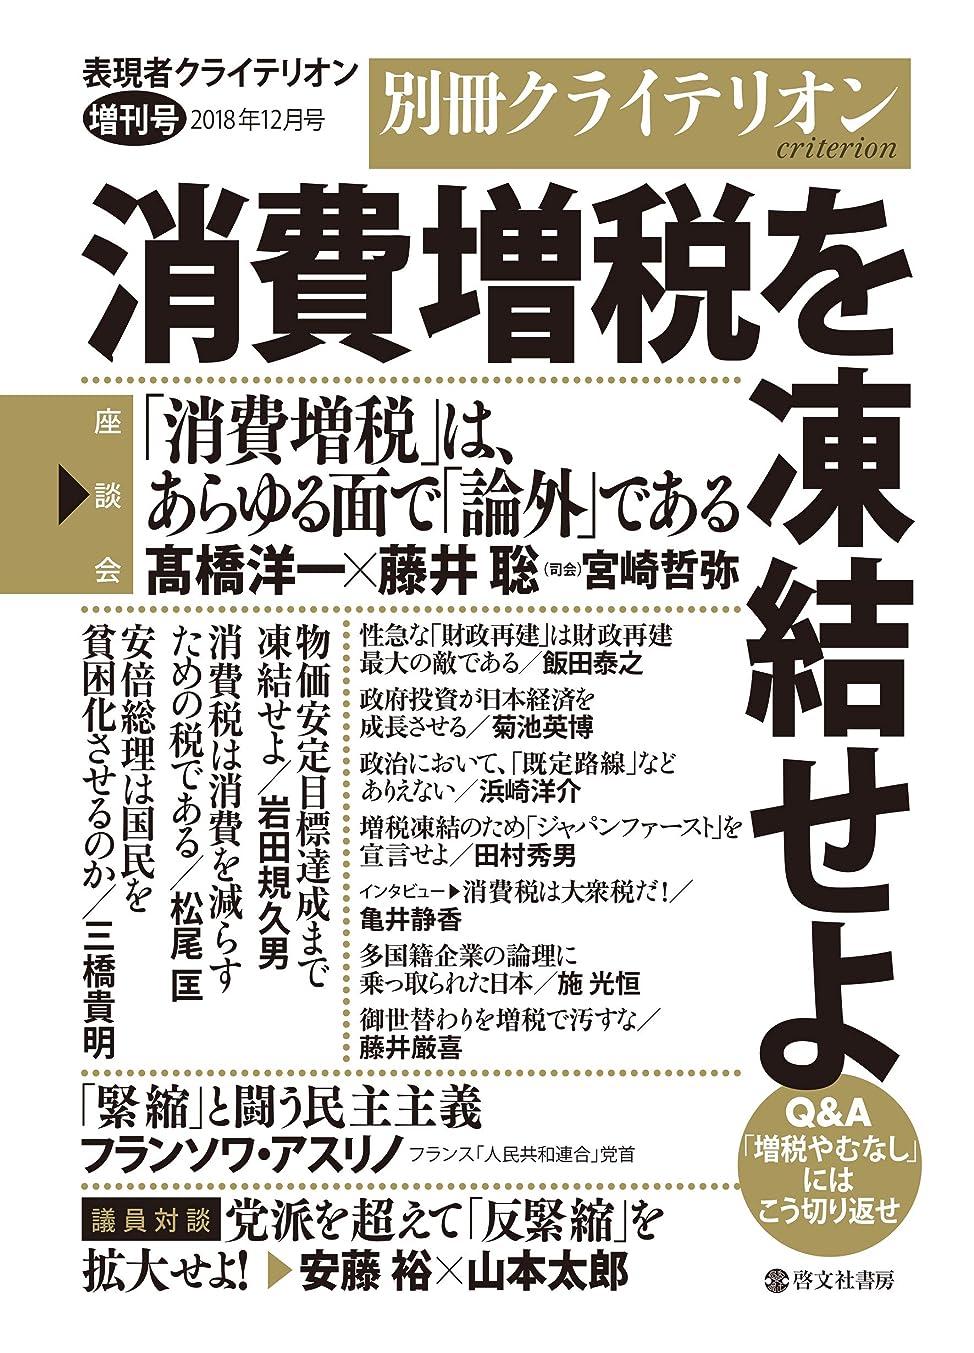 取り付け構造解釈的ナショナル ジオグラフィック日本版 2019年5月号[雑誌]